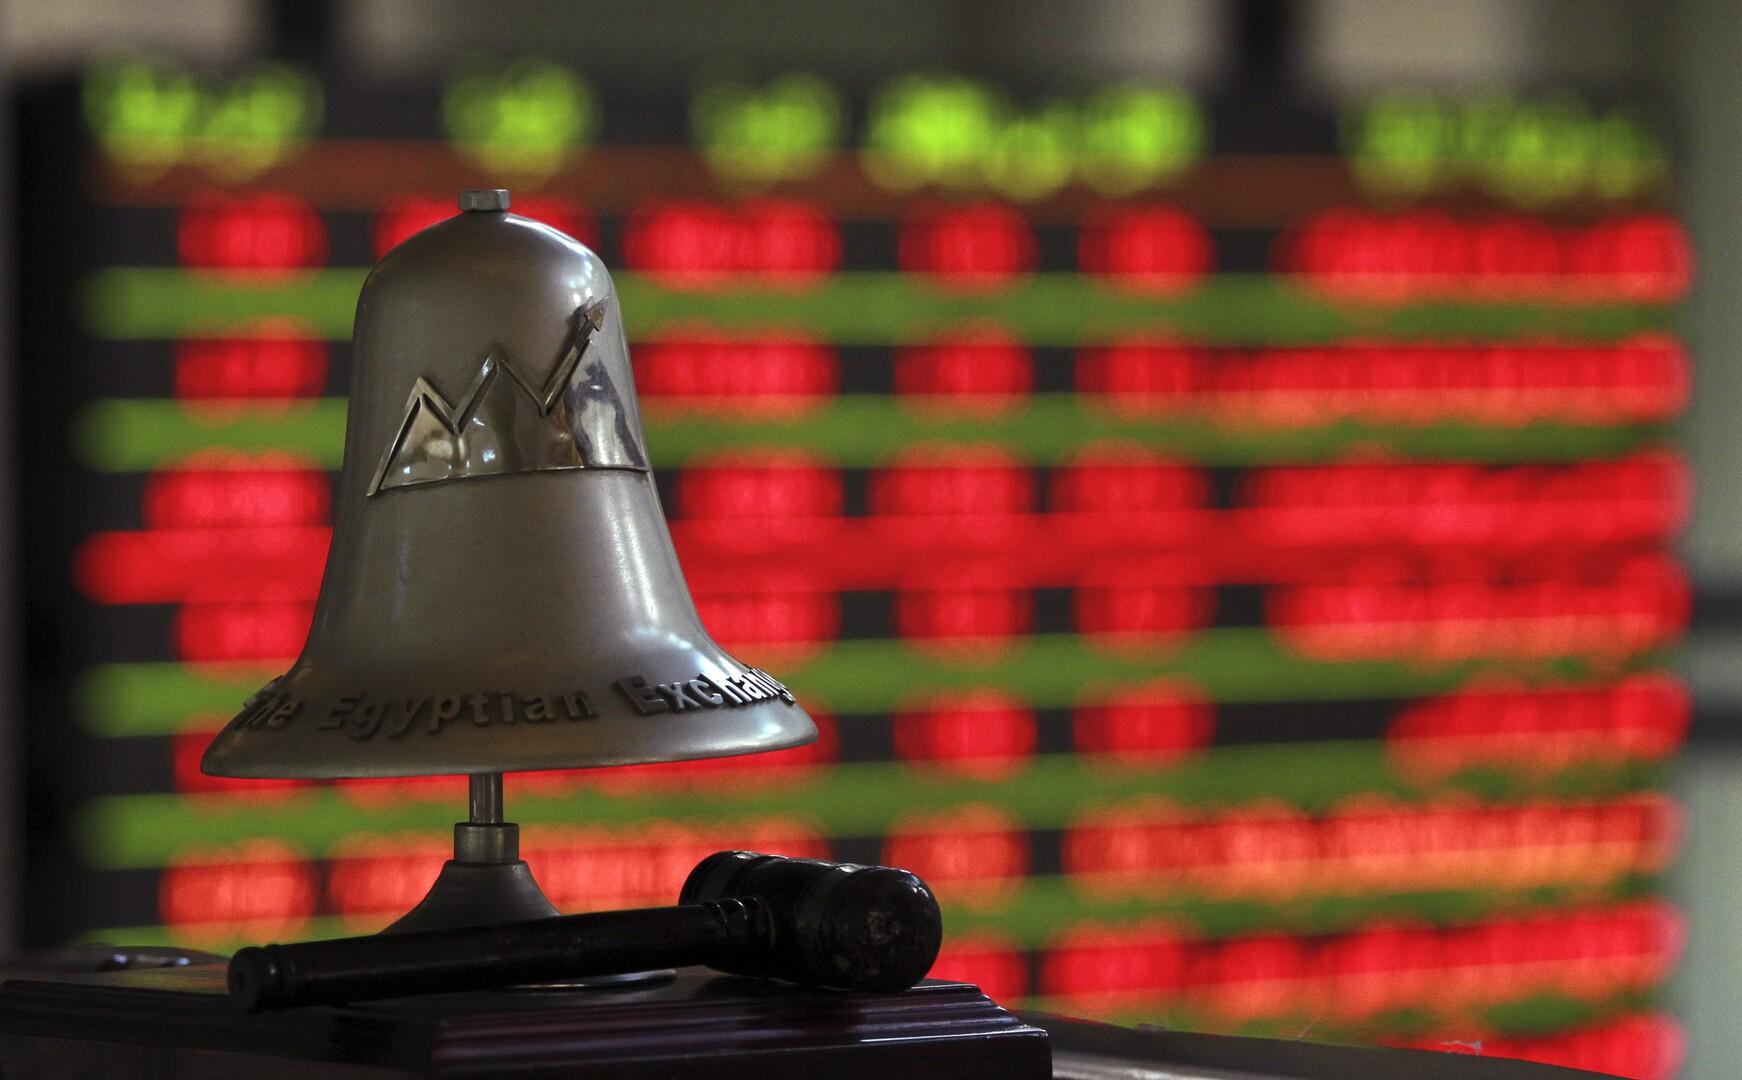 رئيس بورصة مصر يعلق على خسارة البورصة 4 مليارات دولار في 3 أيام